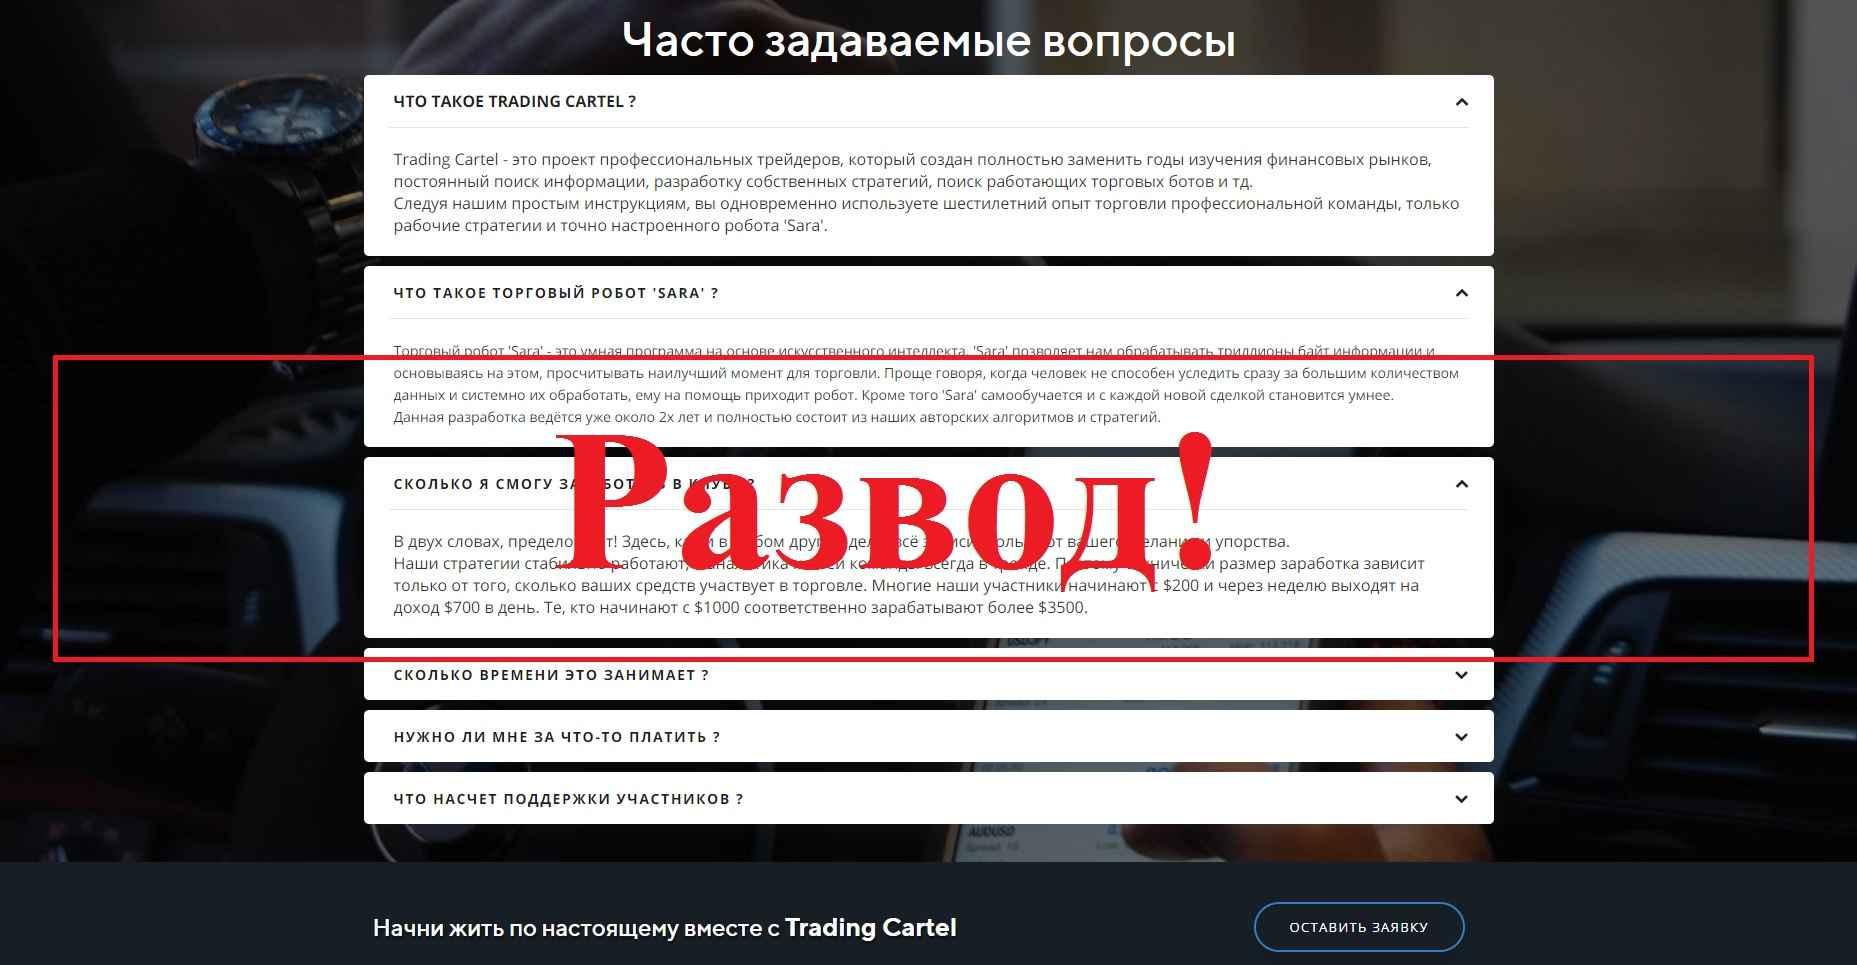 Trading Cartel – клуб трейдеров. Отзывы о cartel.trading